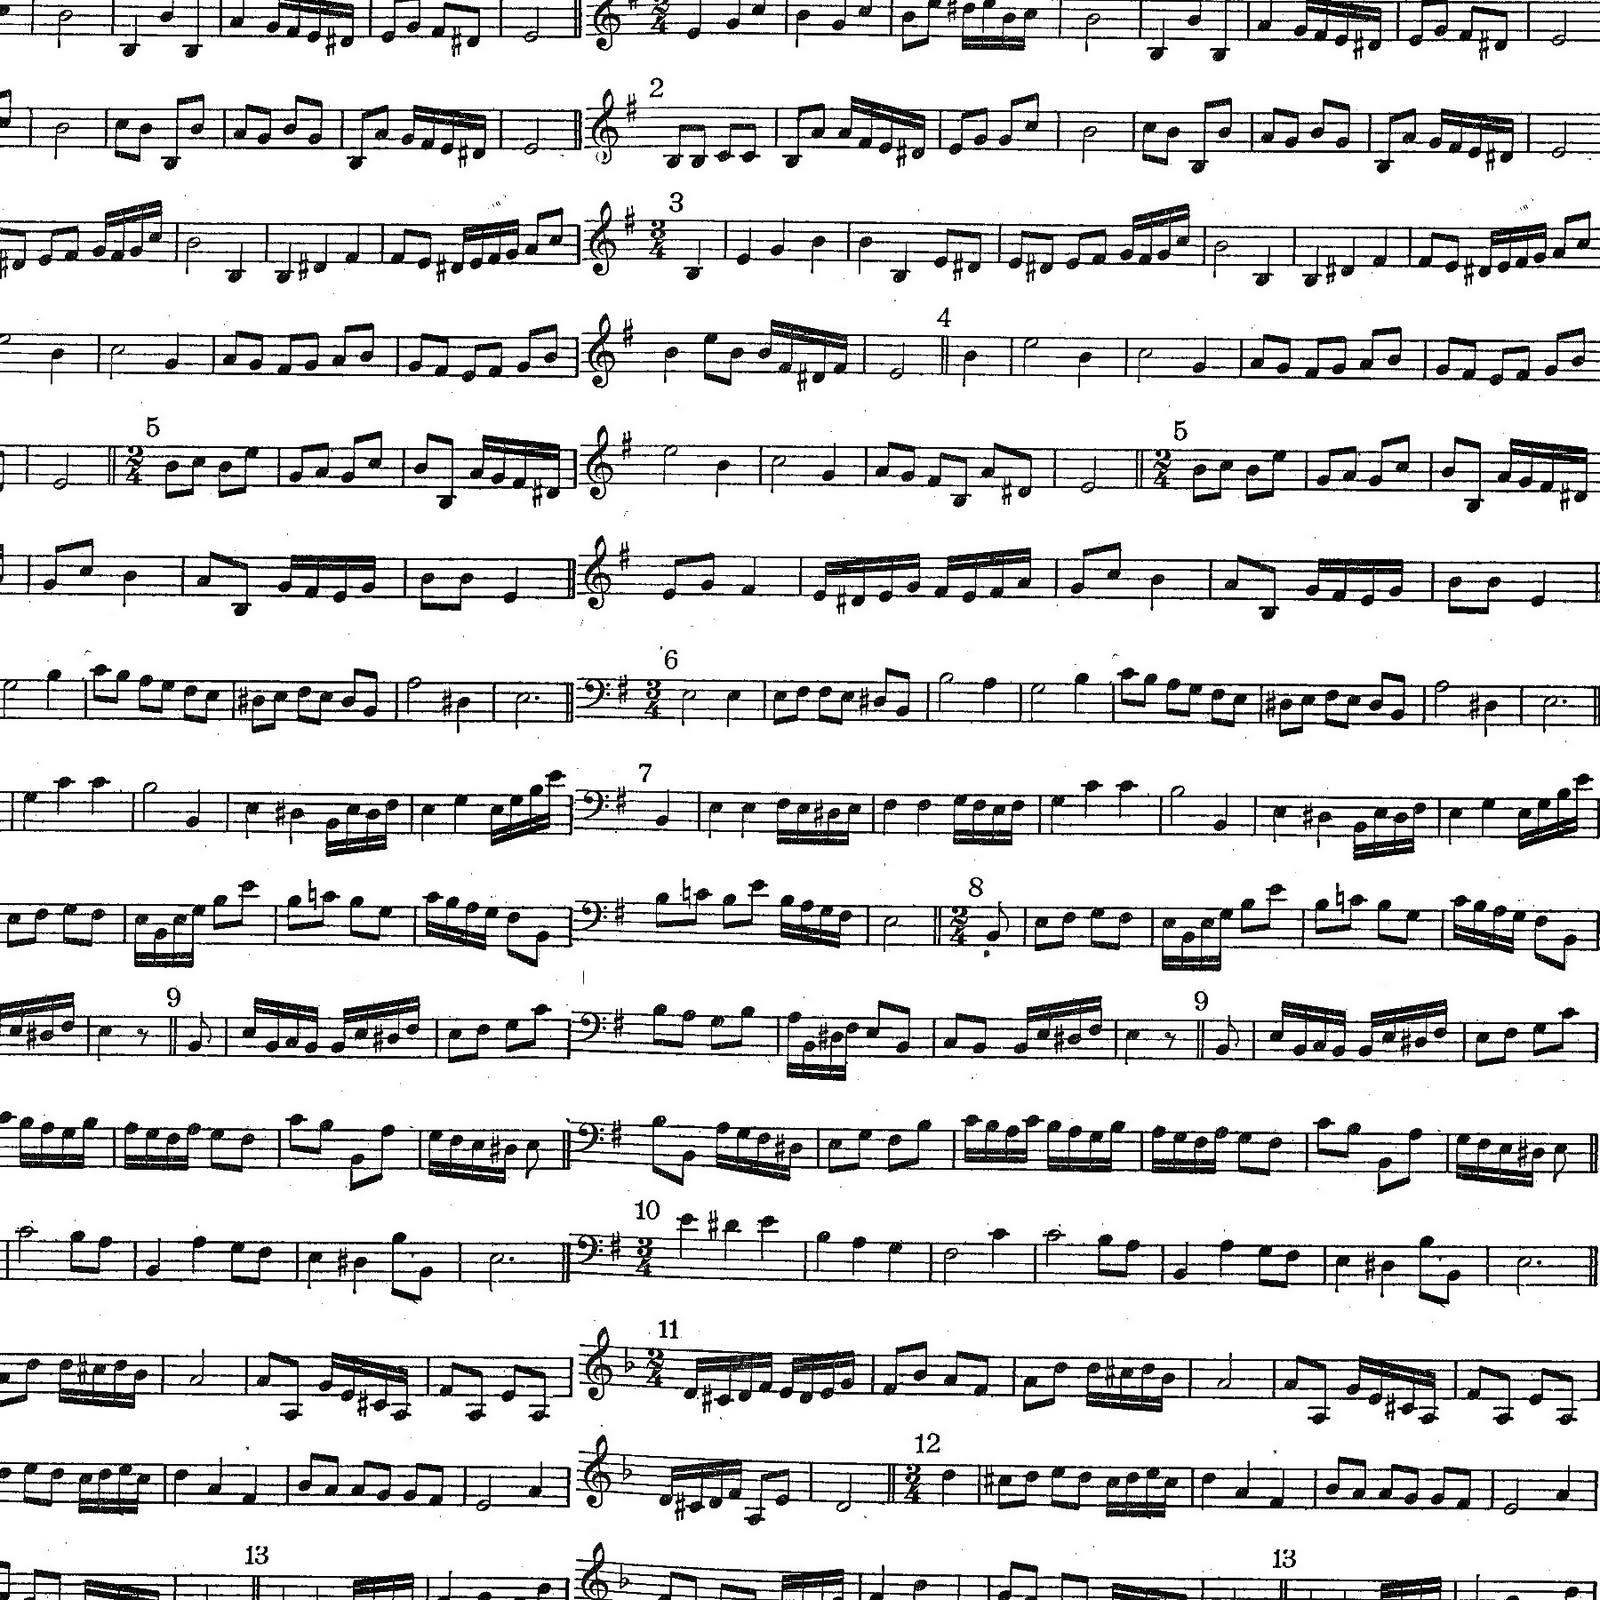 Fabuleux Promenons-nous ! - Papier à musique à imprimer WI58